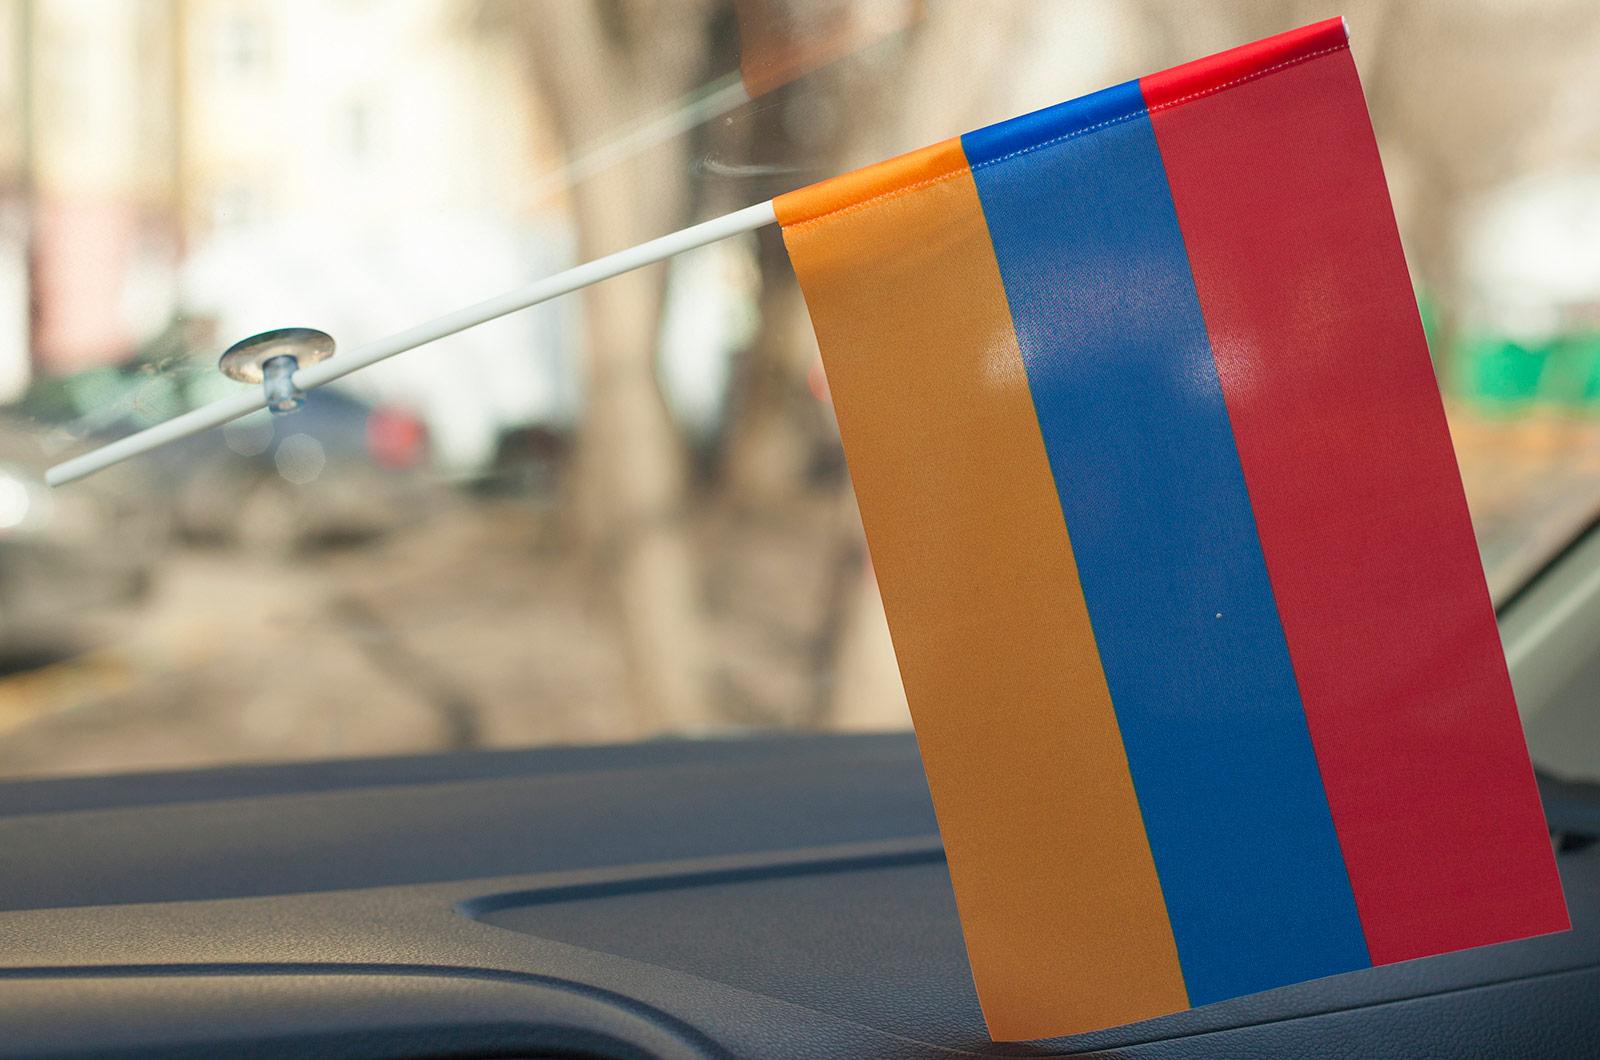 Автомобильный флажок Армении на присоске